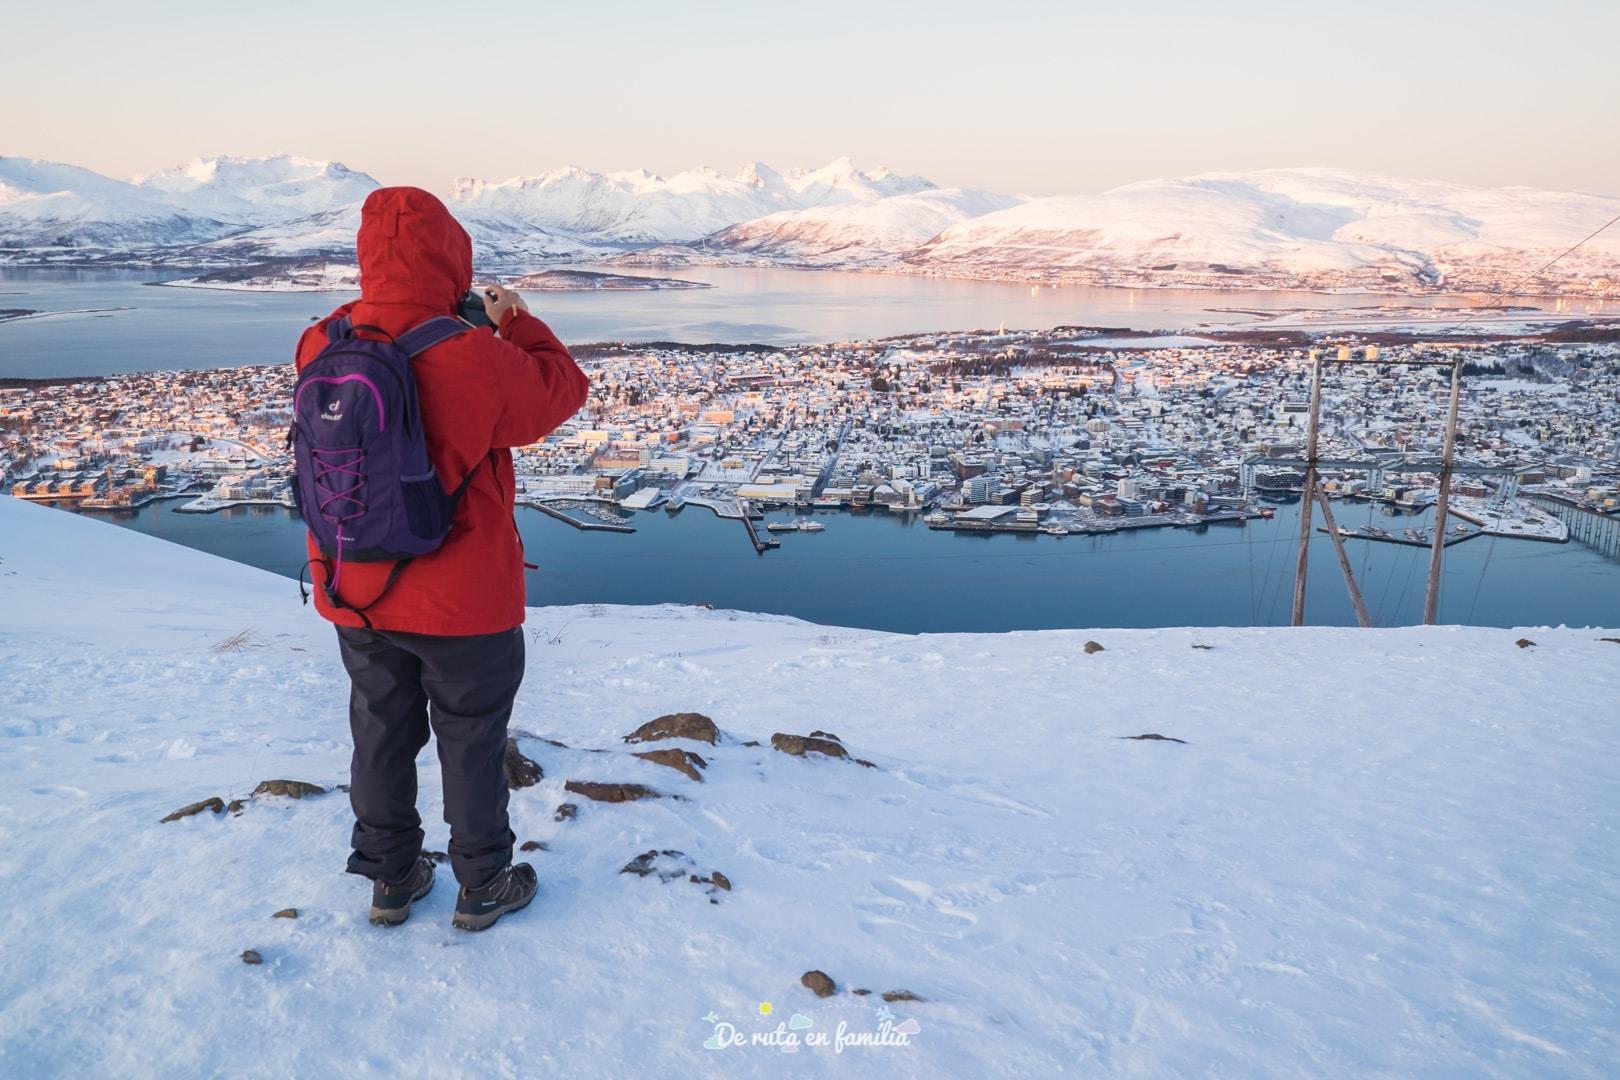 Viatjar a Tromso. Visitar Tromso. Que fer a Tromso